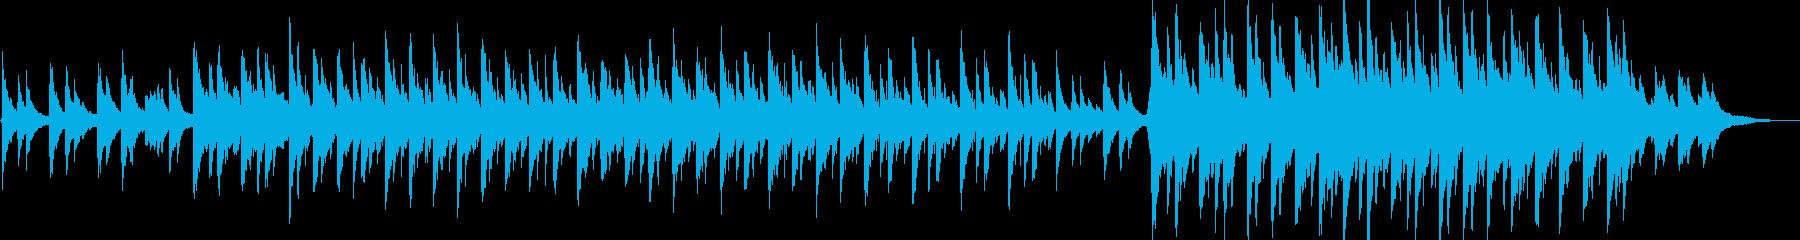 篠笛のメロディ抜きの再生済みの波形